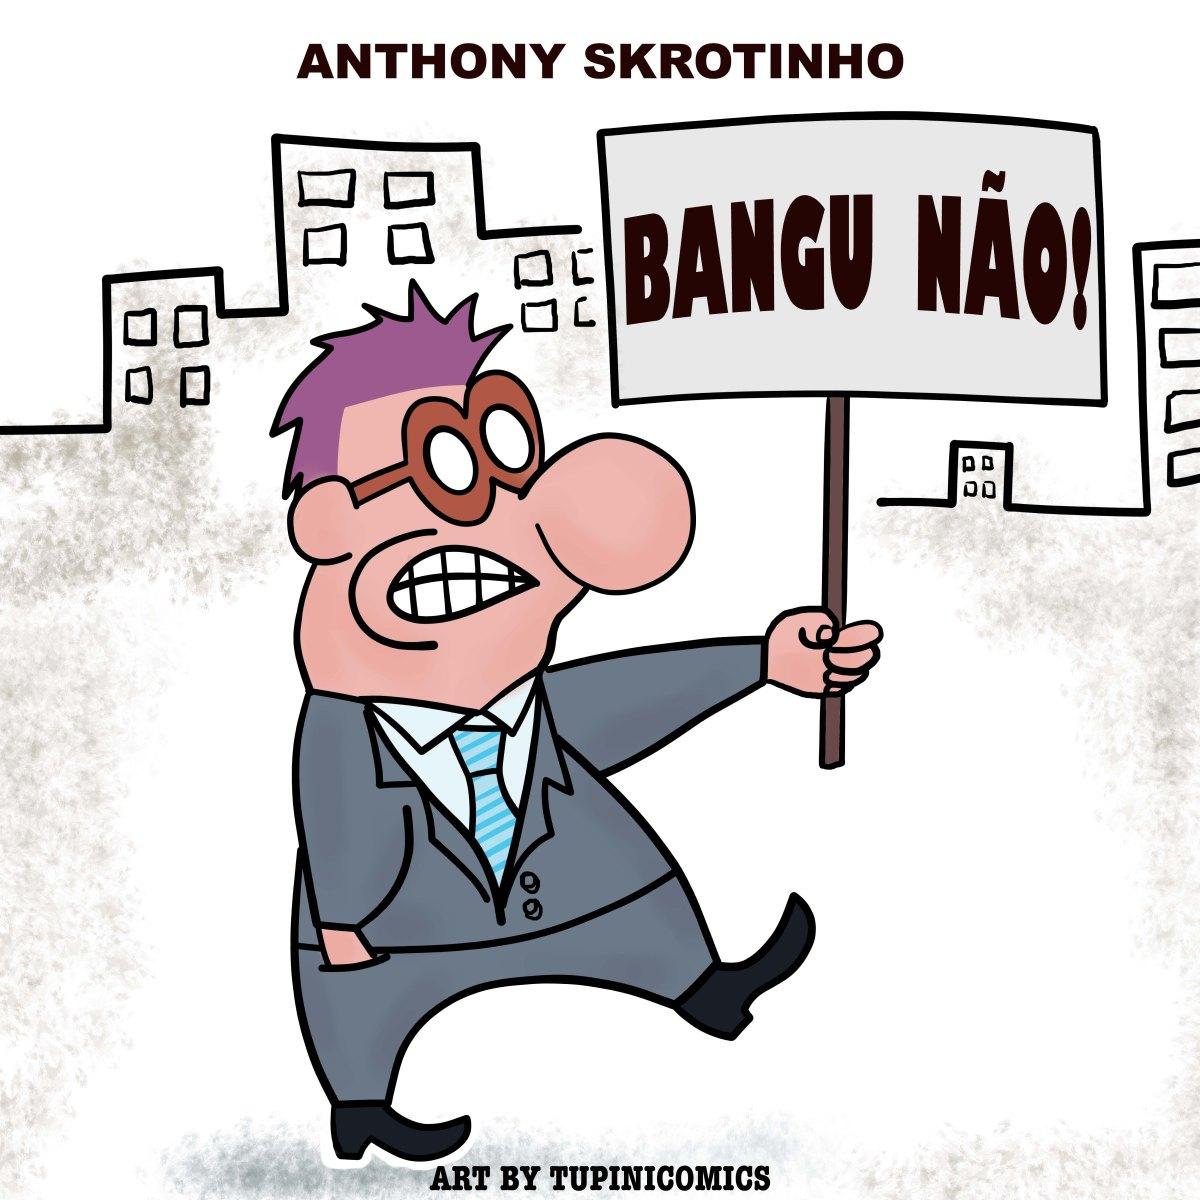 Anthony Skrotinho